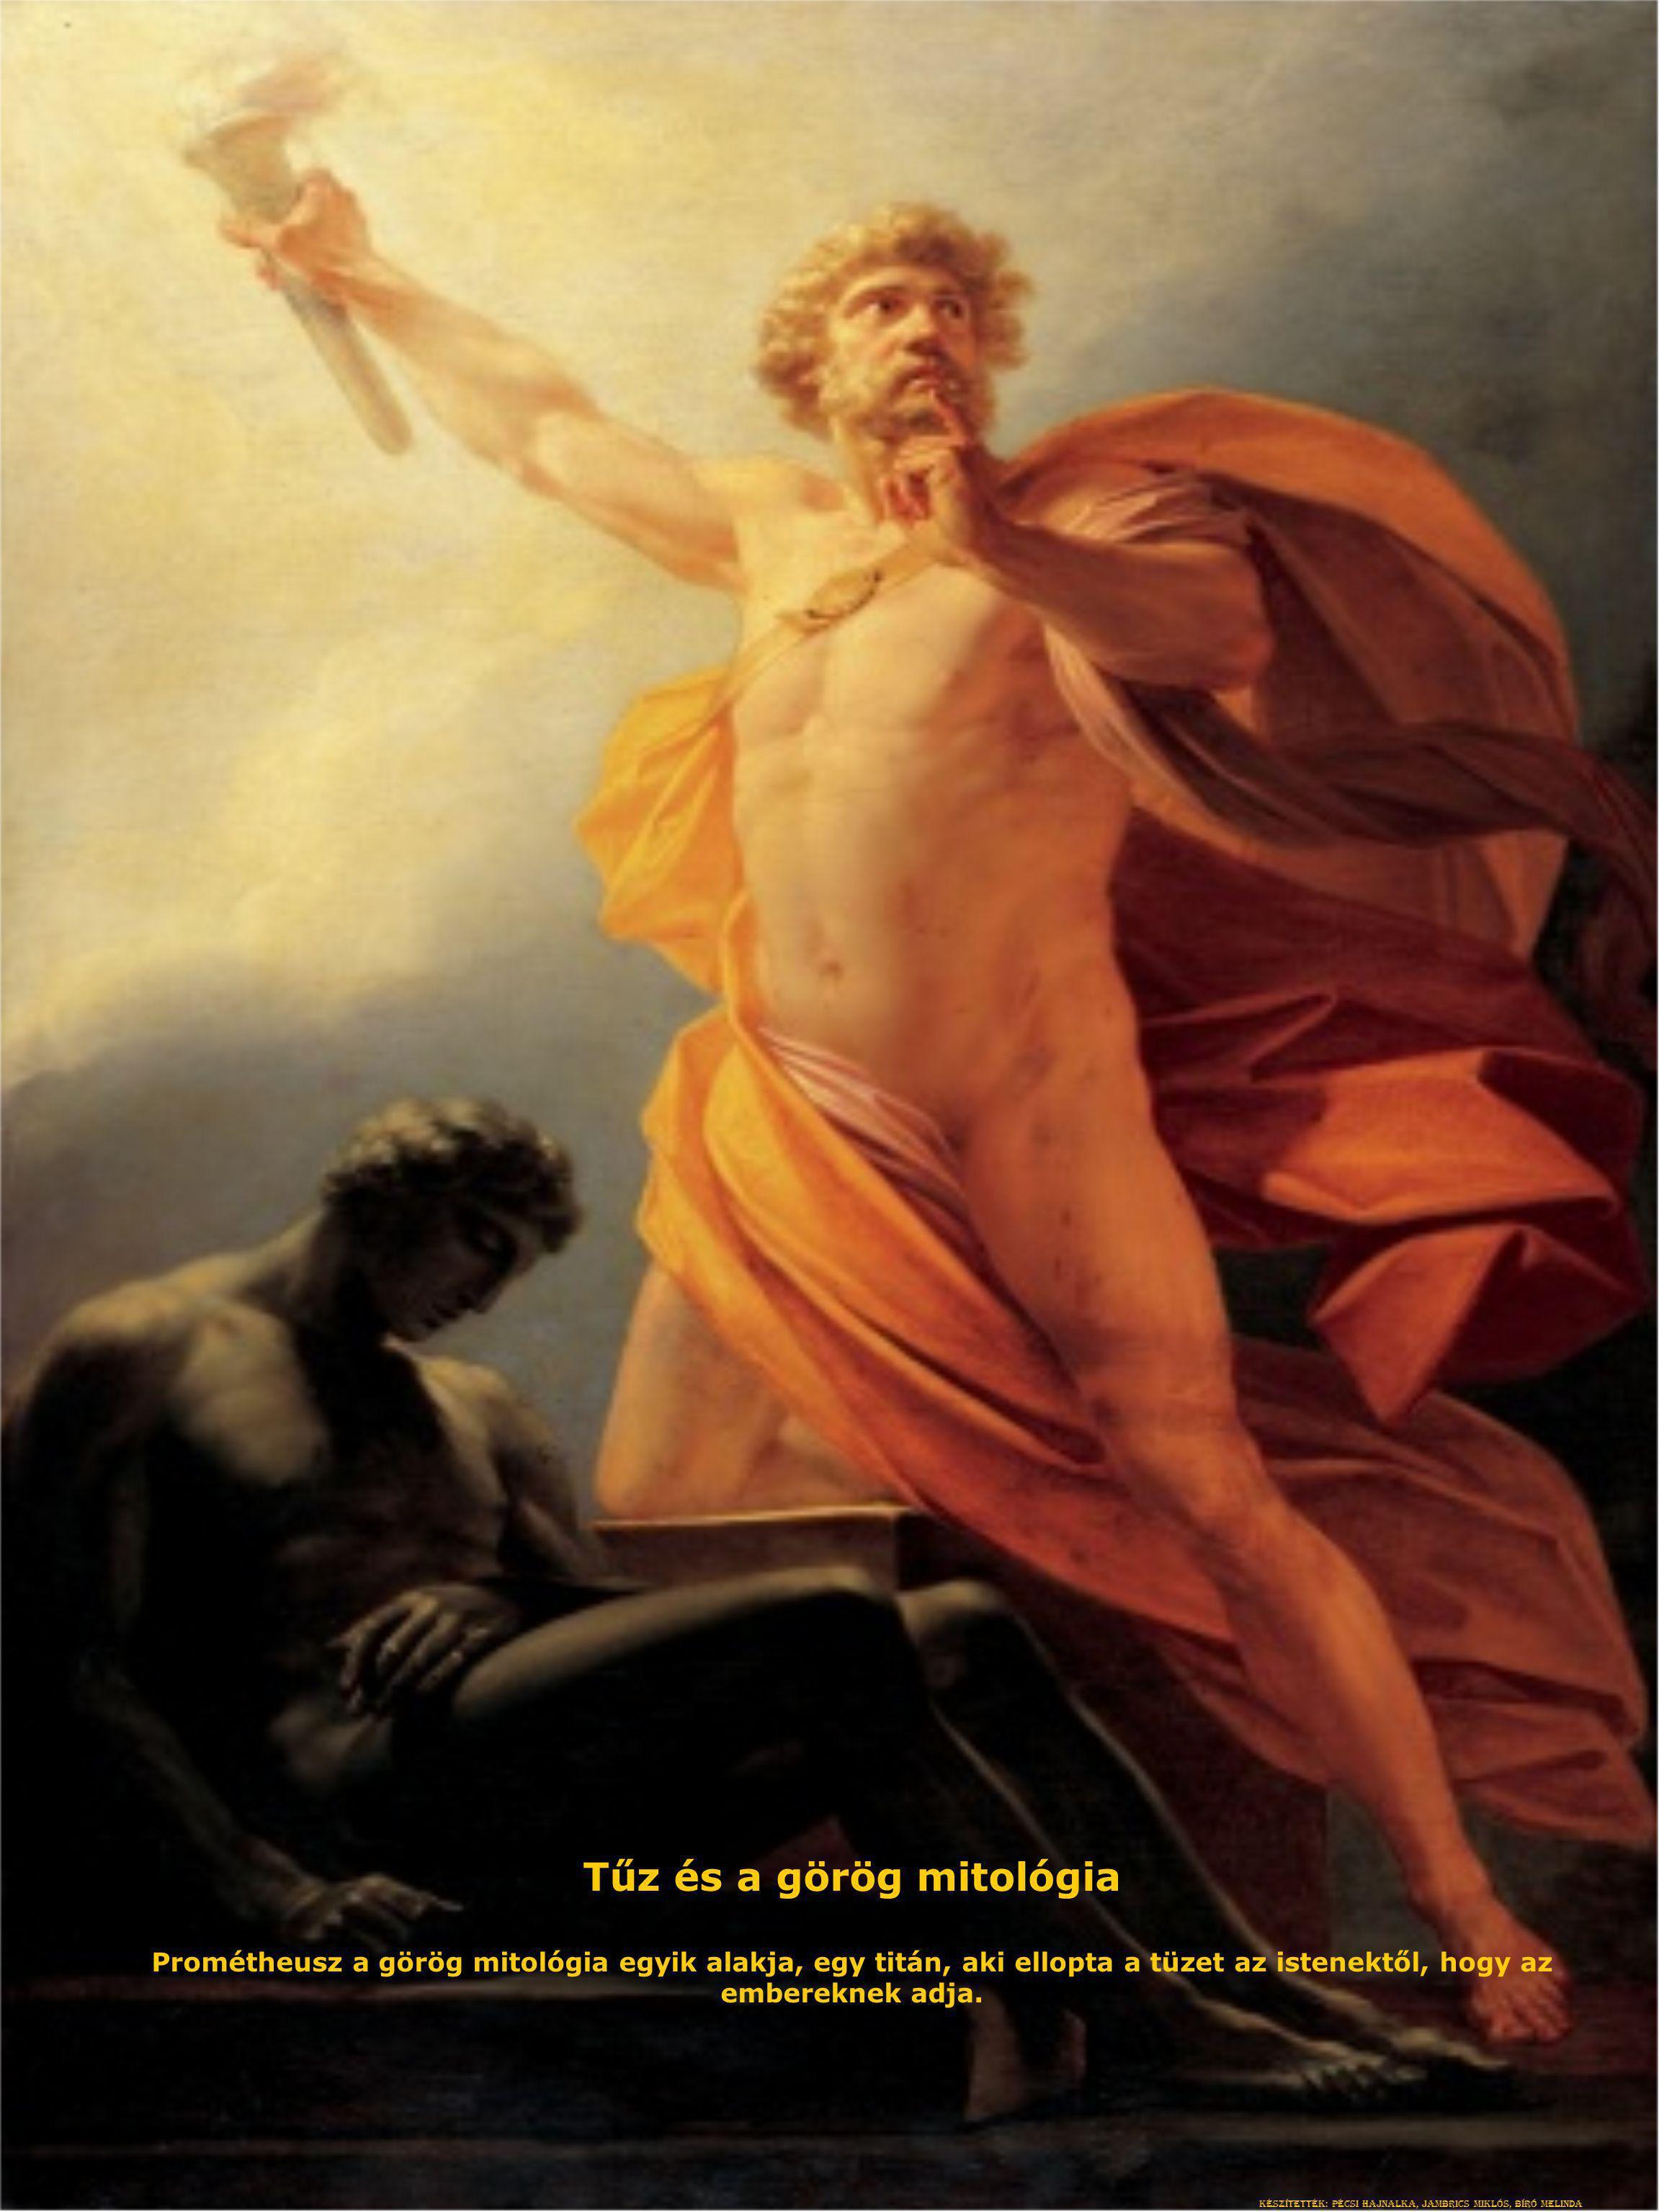 Tűz és a görög mitológia Prométheusz a görög mitológia egyik alakja, egy titán, aki ellopta a tüzet az istenektől, hogy az embereknek adja.